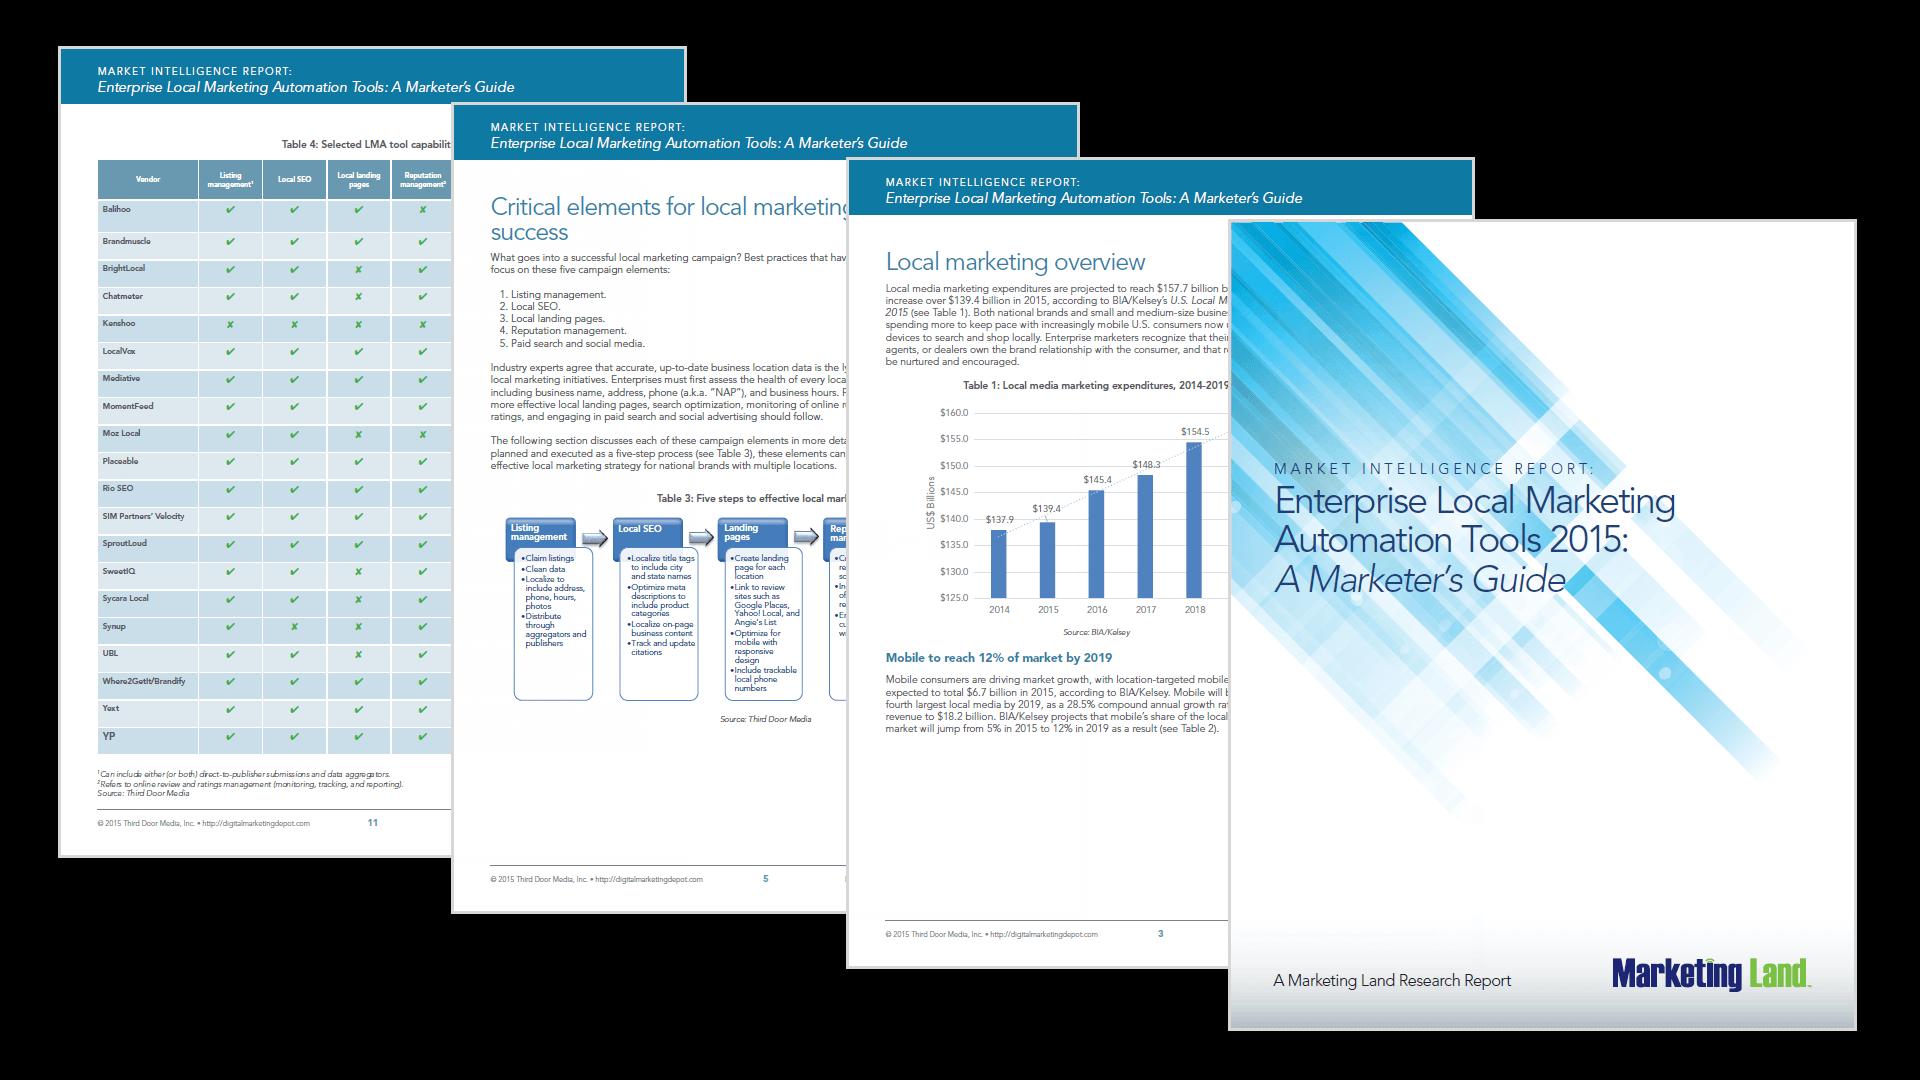 Herramientas de automatización de marketing local empresarial: nuevo informe de inteligencia de marketing